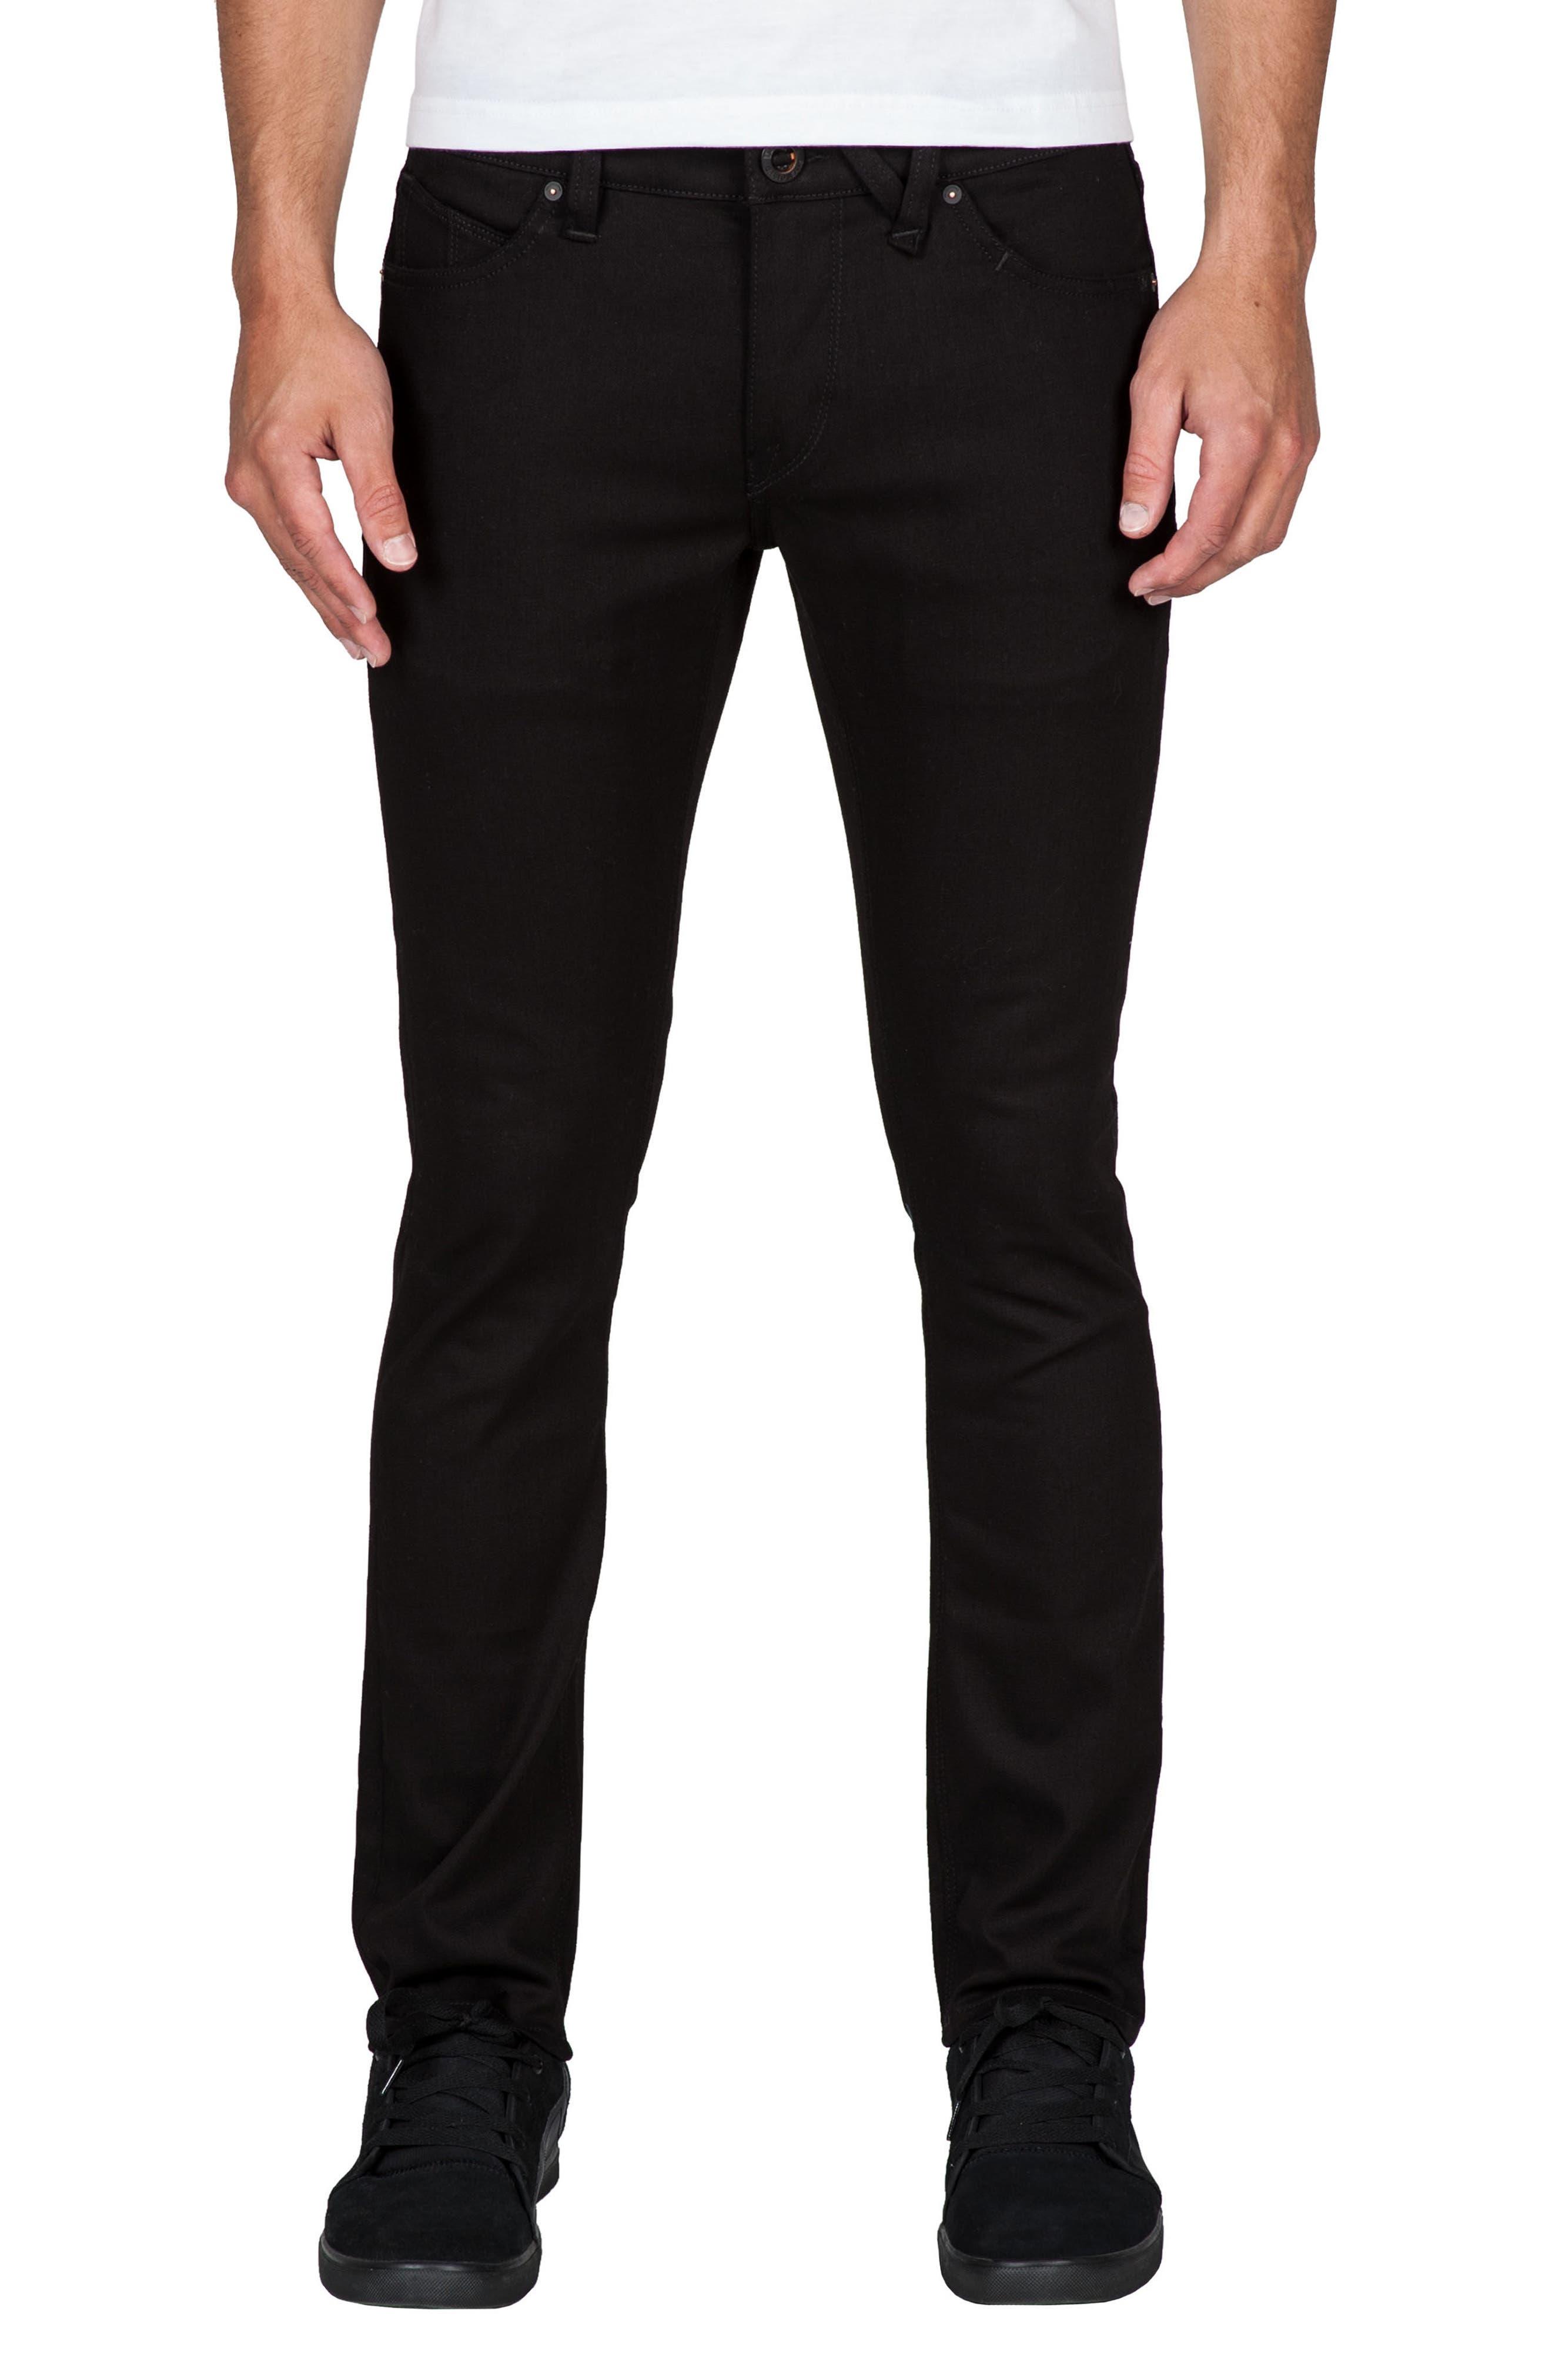 2x4 Slim Straight Leg Jeans,                             Main thumbnail 1, color,                             BLACK BLACK